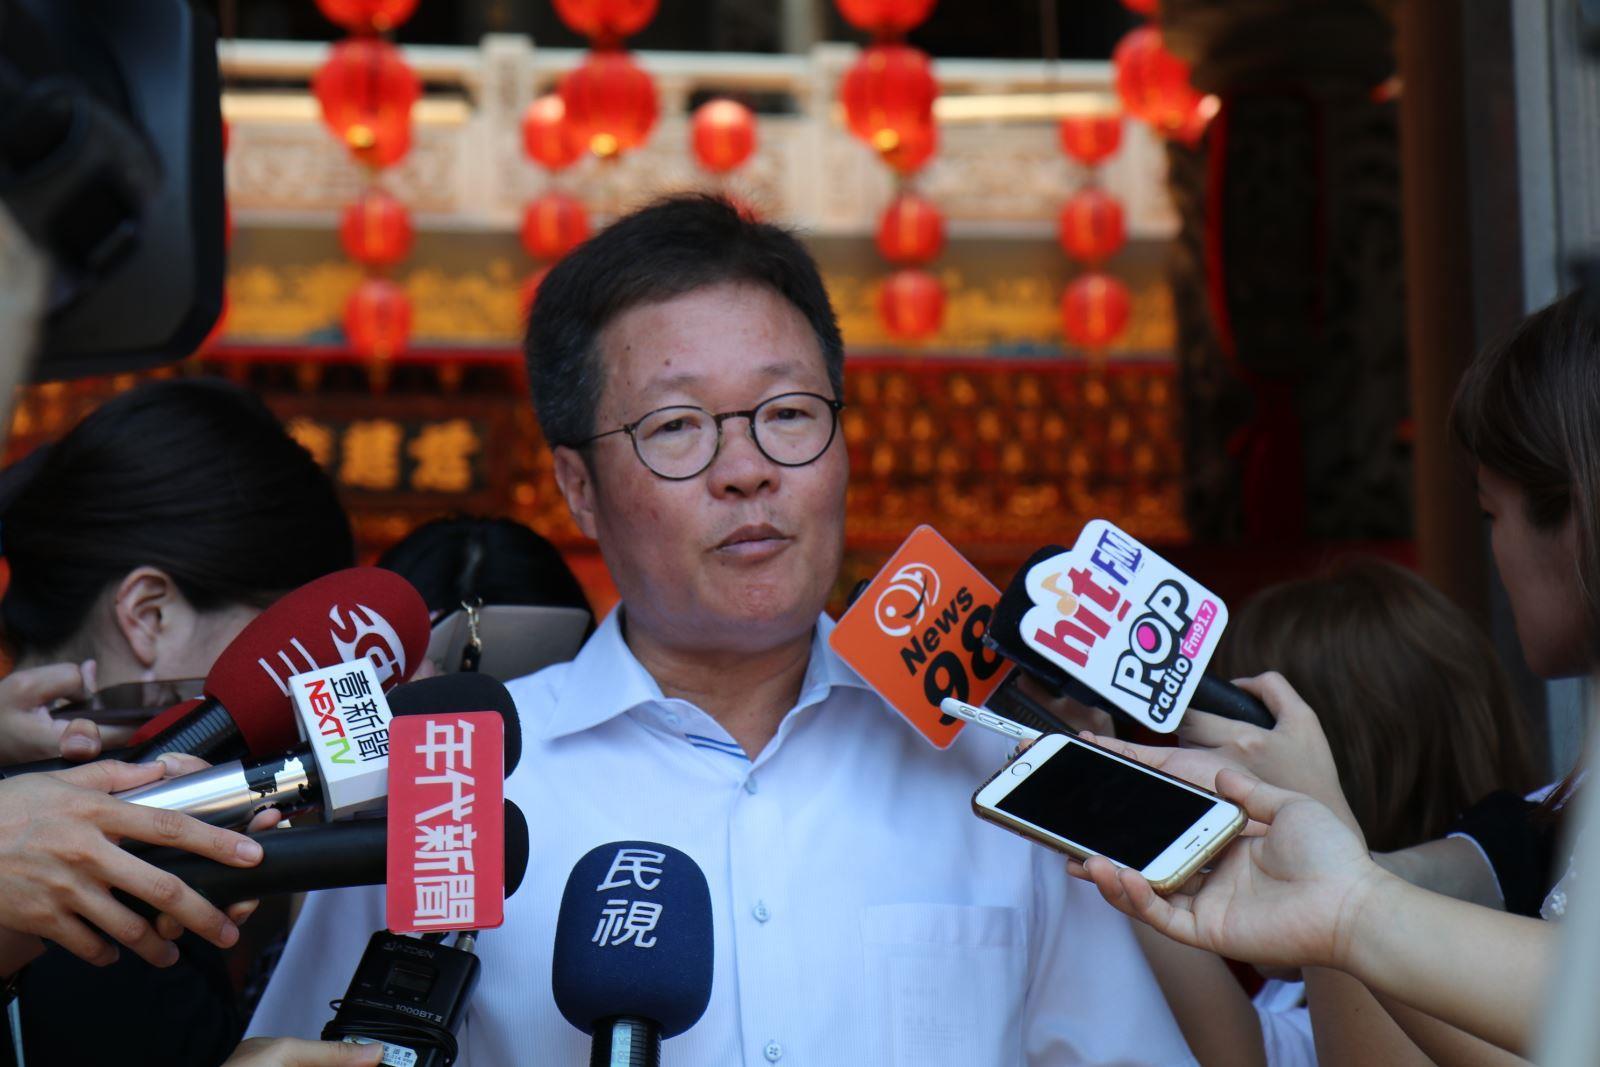 董事長接受各家媒體連訪,說明中油立場與規劃。